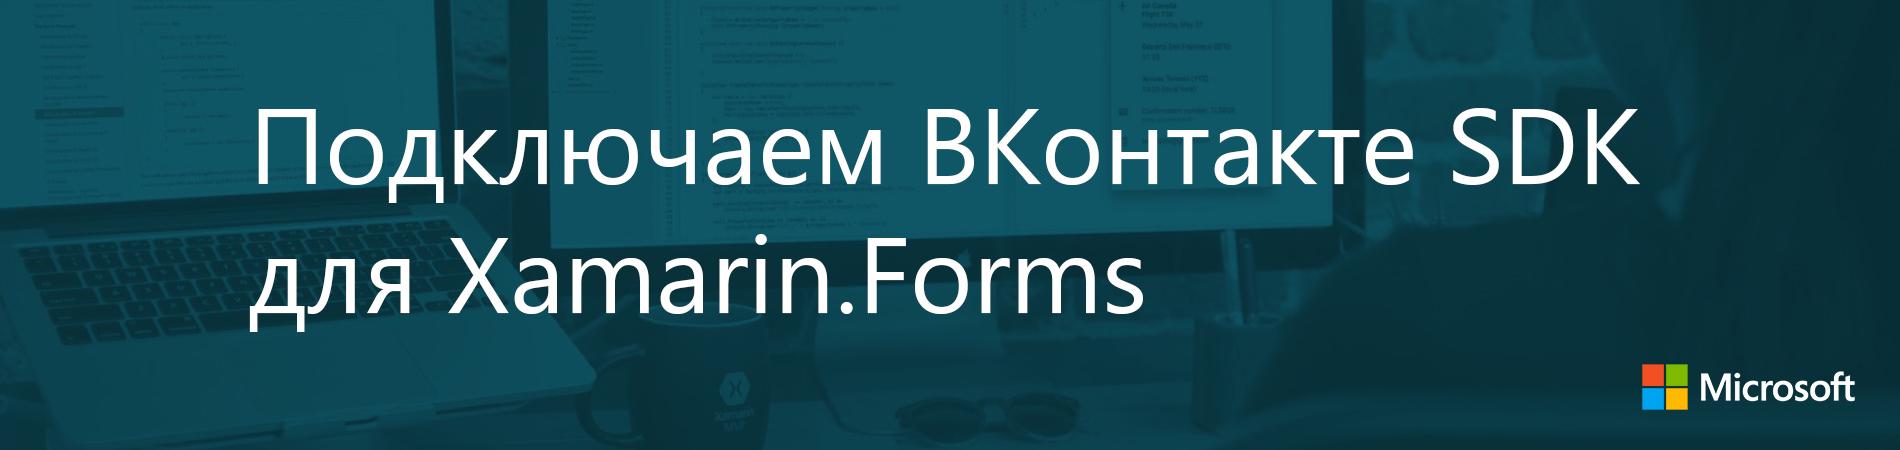 Подключаем ВКонтакте SDK для Xamarin.Forms